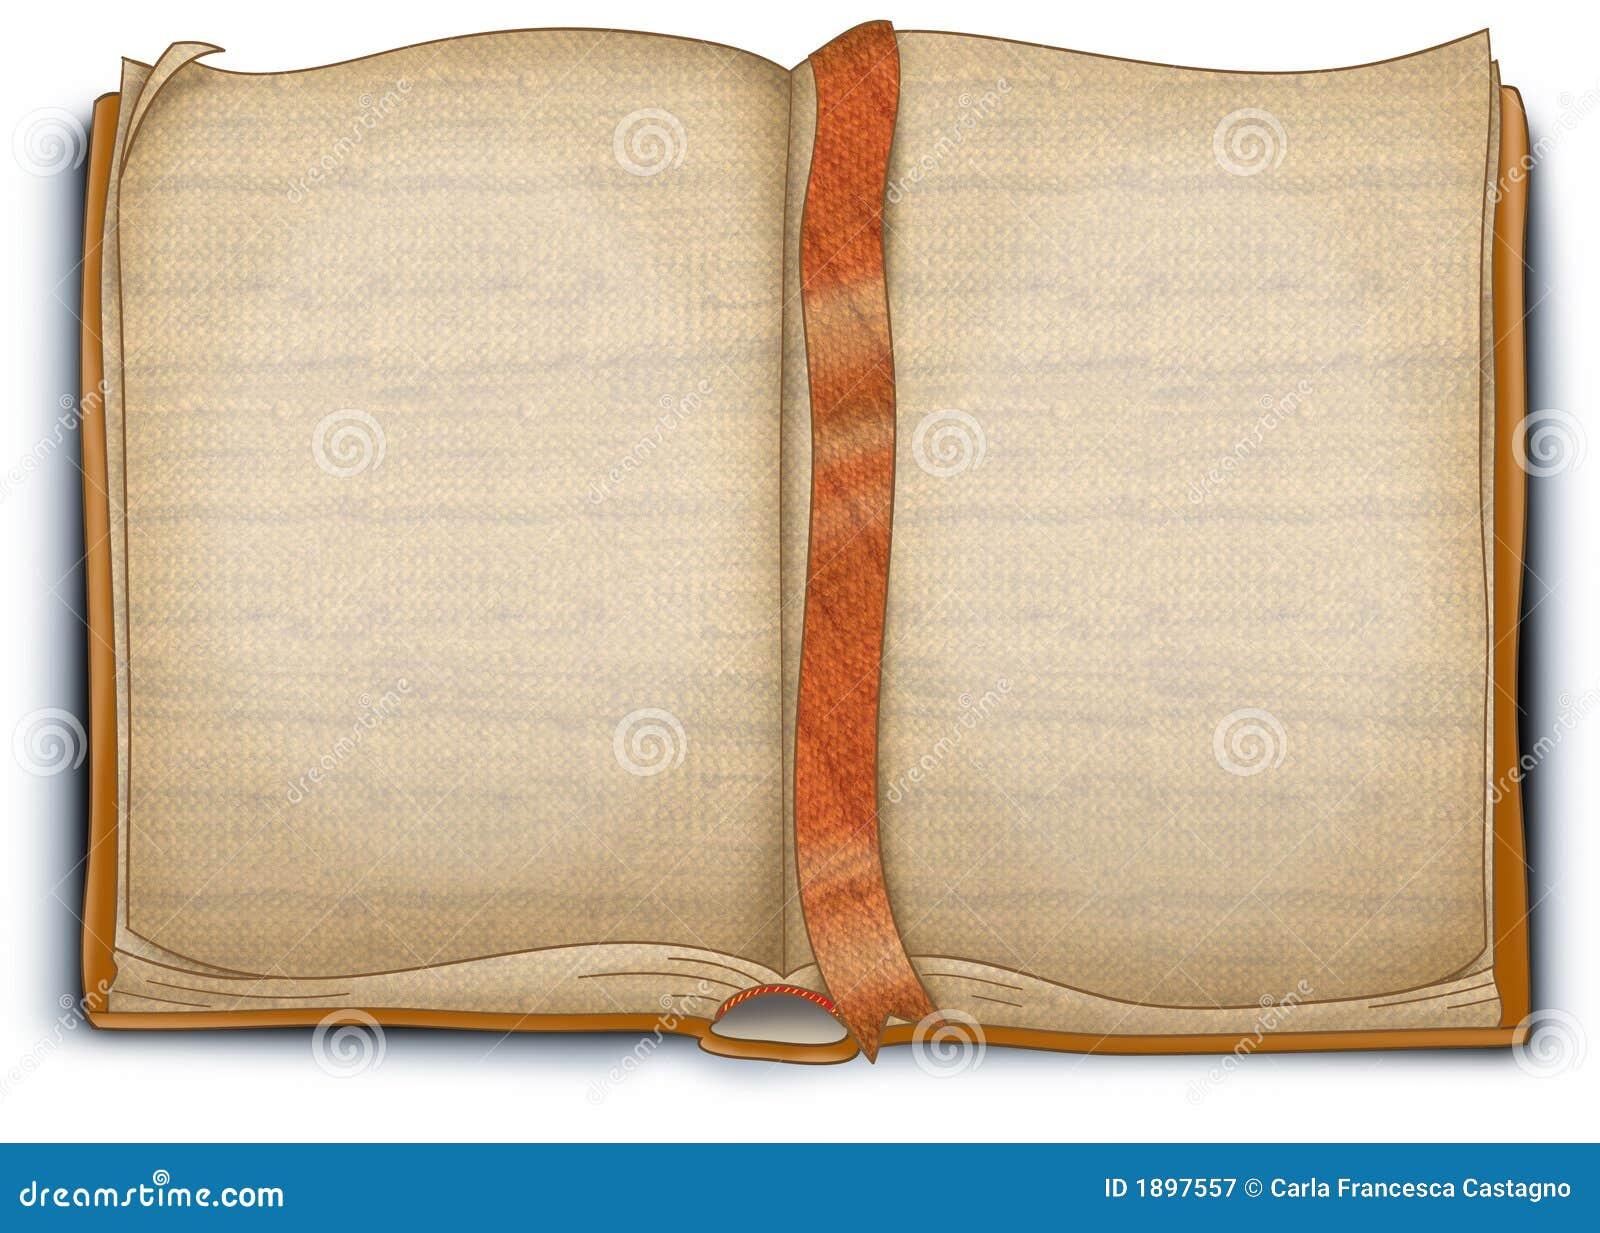 gesponnenes buch abbildung lizenzfreie stockfotografie bild 1897557. Black Bedroom Furniture Sets. Home Design Ideas